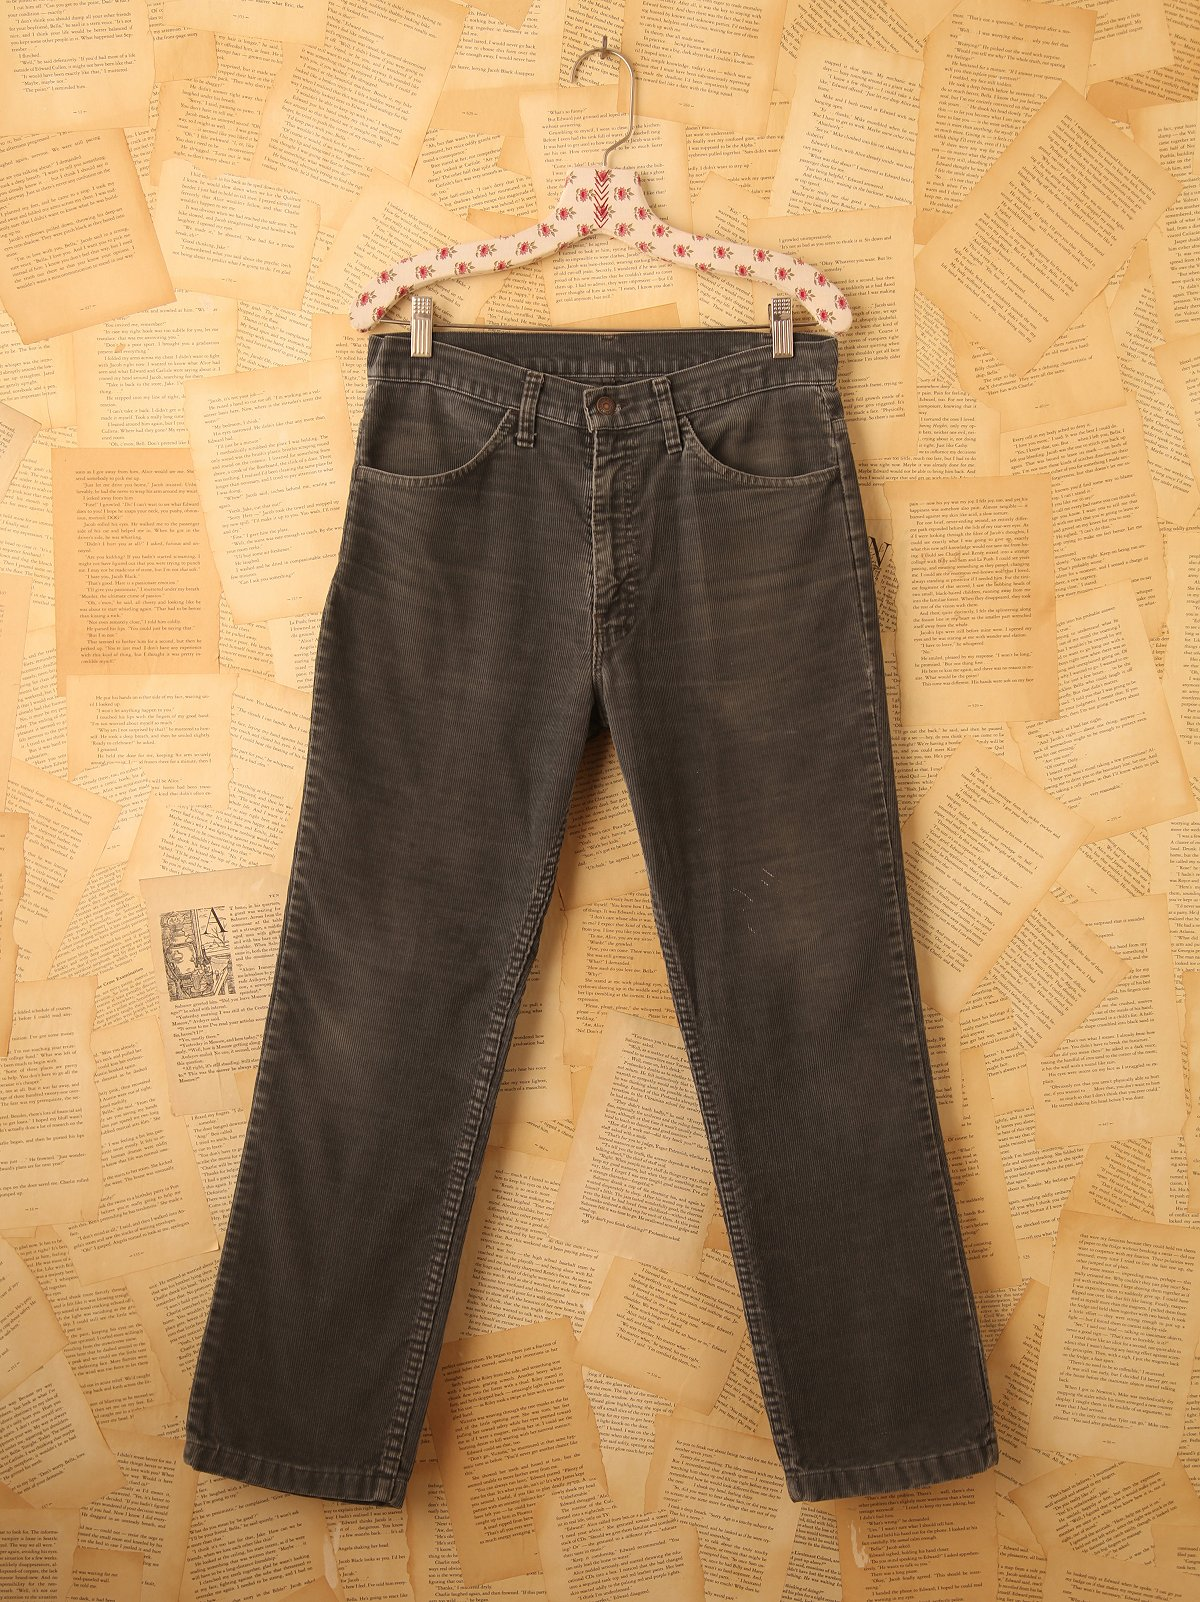 Vintage 1970s Levi's Cords